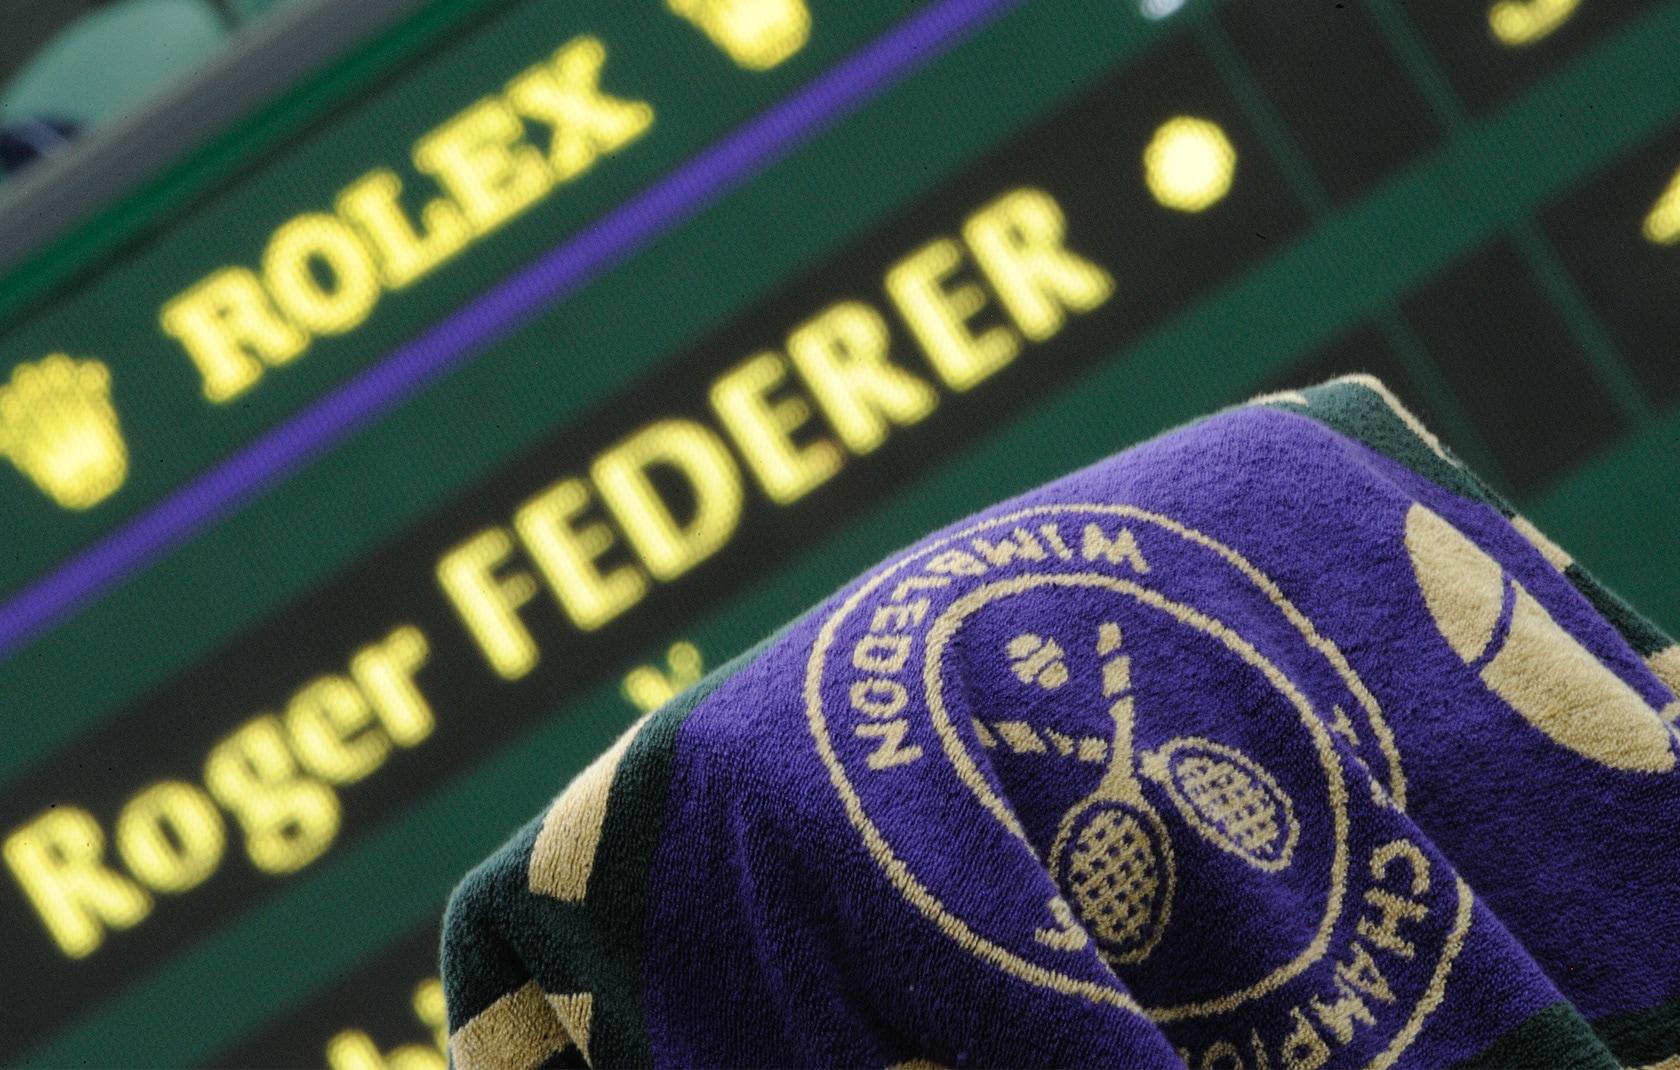 roger-federer-wimbledon-2017-final-2.jpg